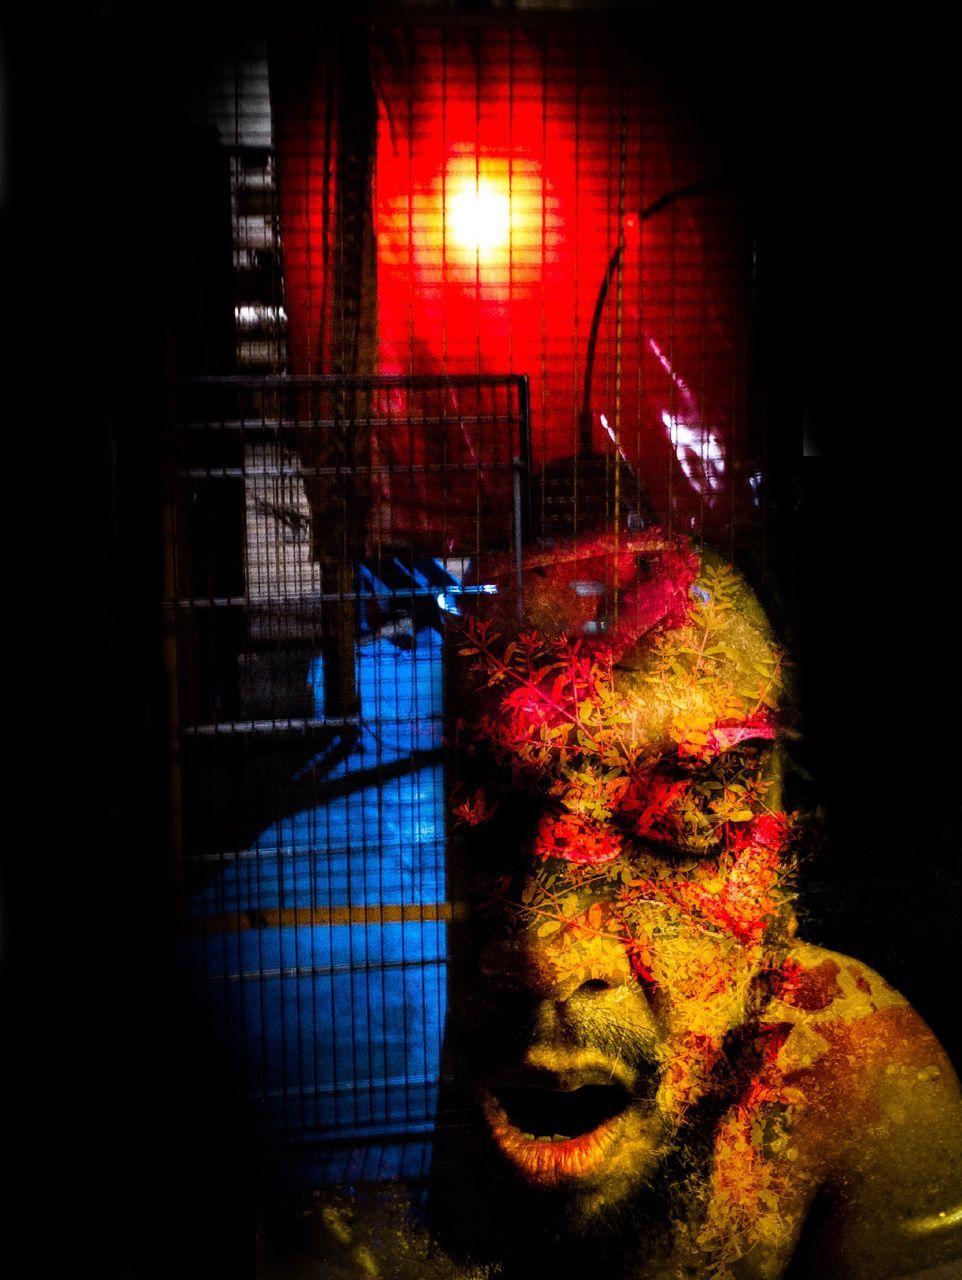 night, illuminated, indoors, close-up, no people